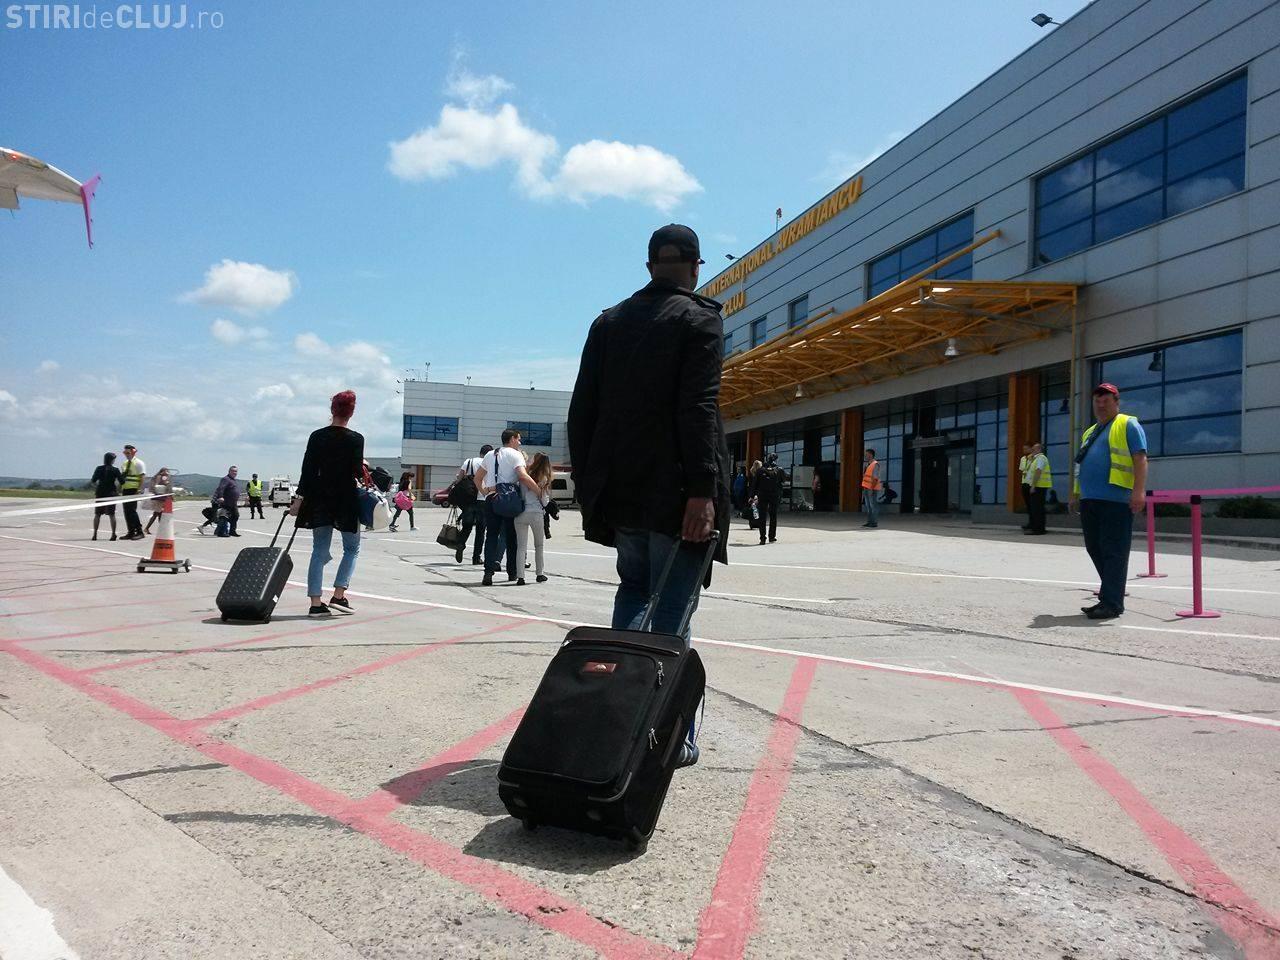 Aeroportul Cluj trece la sezonul de iarnă 2016- 2017. Ce noutăți sunt